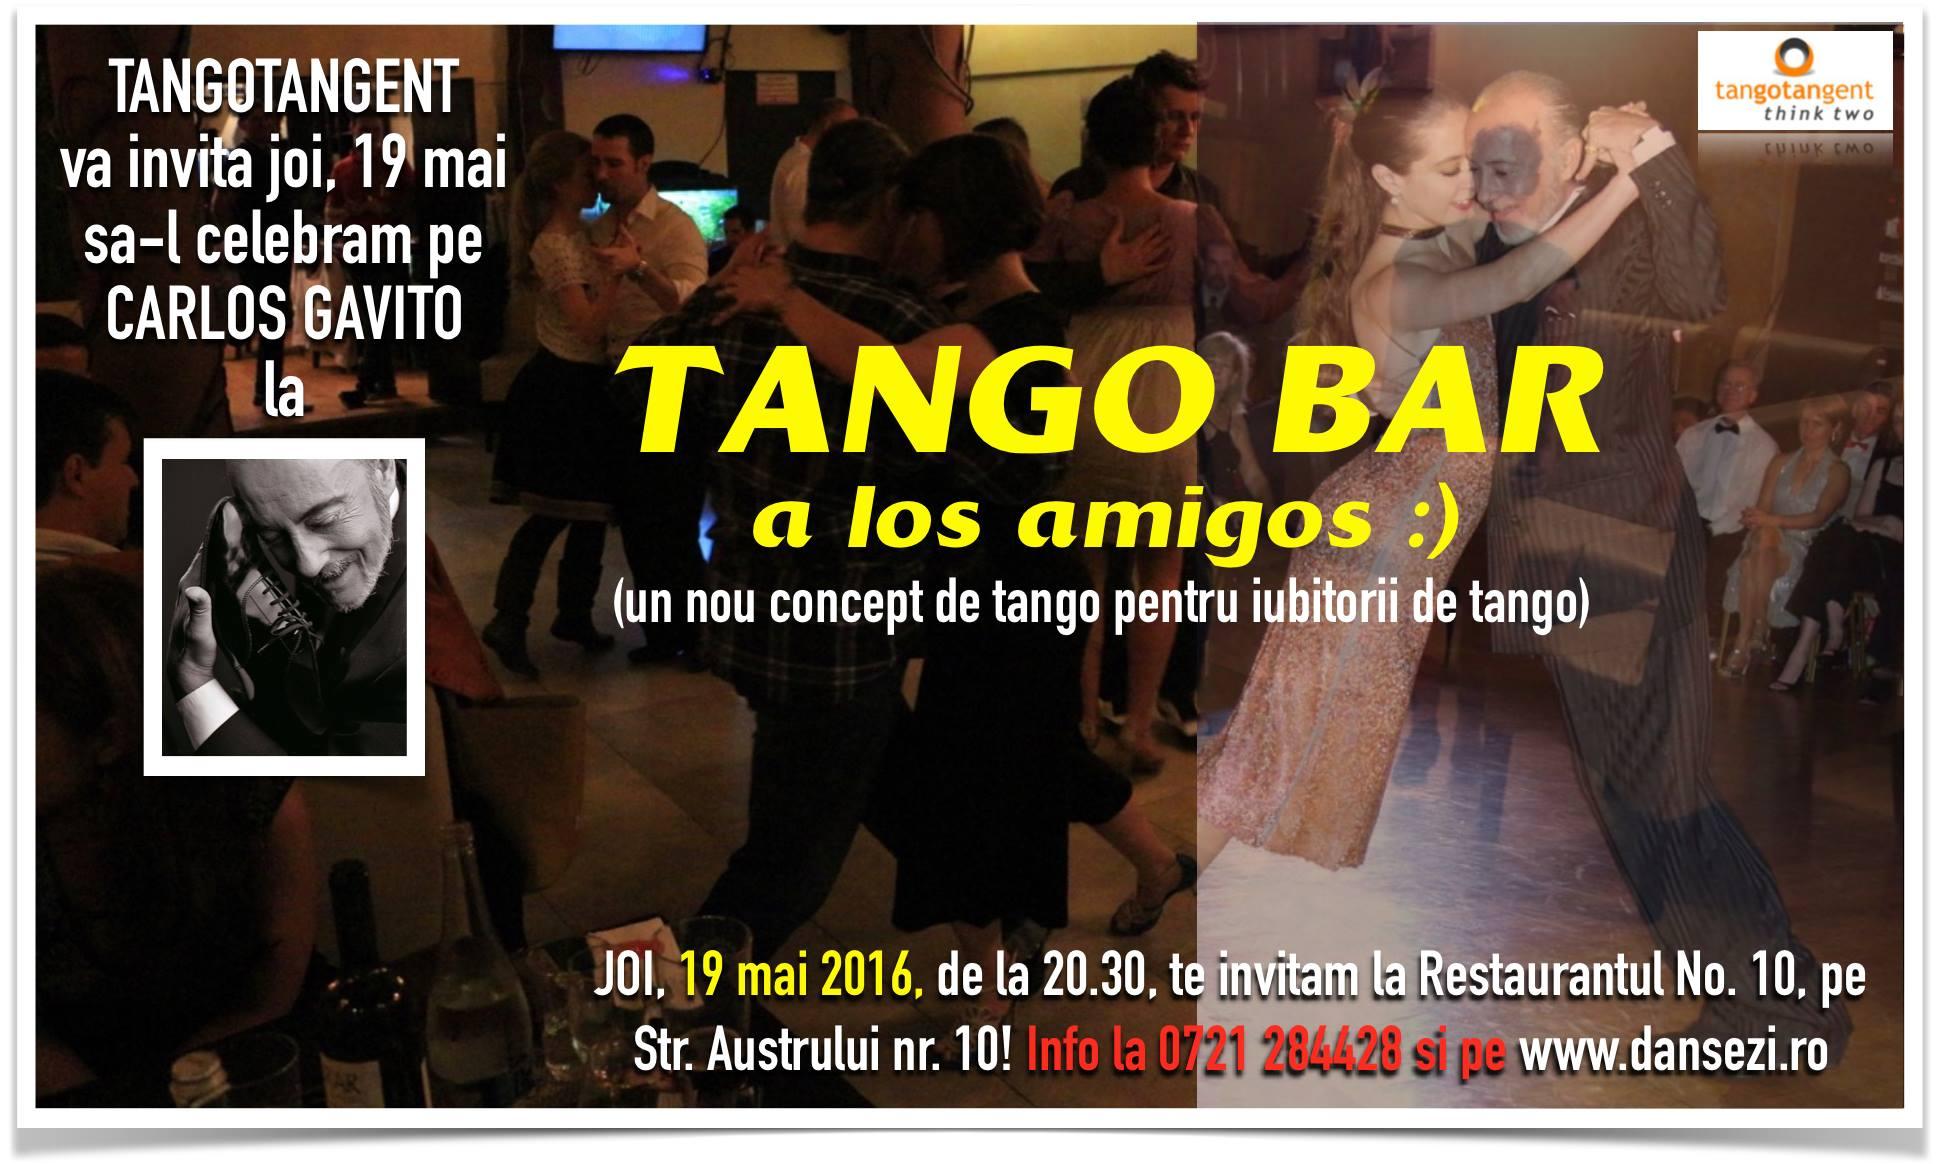 Joia de la 20.30 dansam la TANGO BAR pe Austrului nr. 10